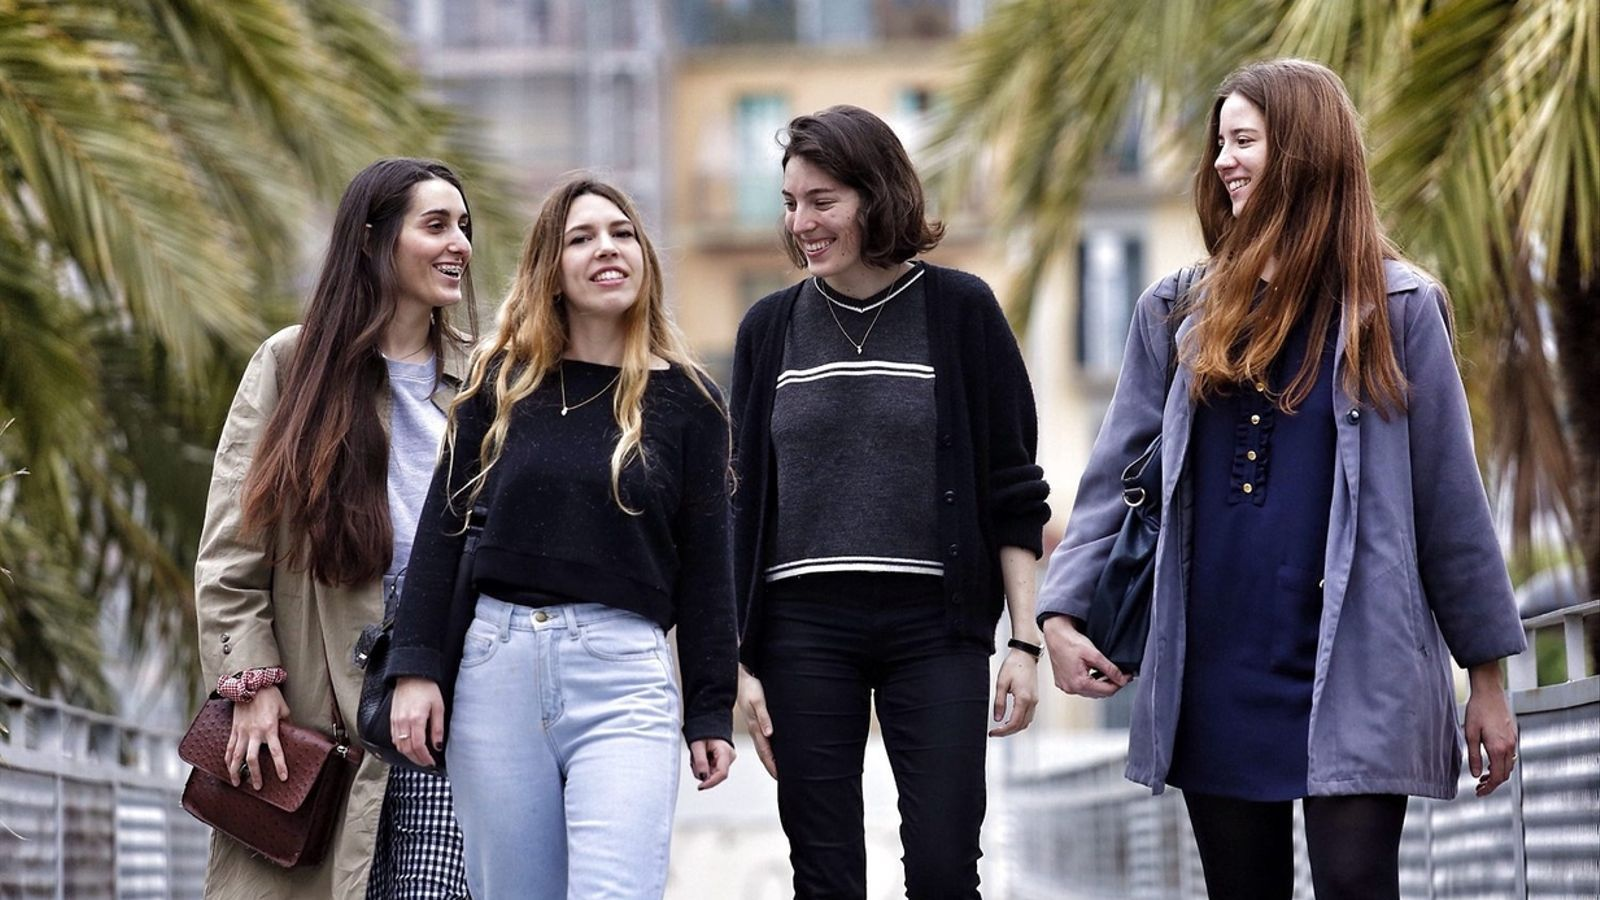 'Les amigues de l'Àgata', un retrat 'cum laude' sobre l'amistat